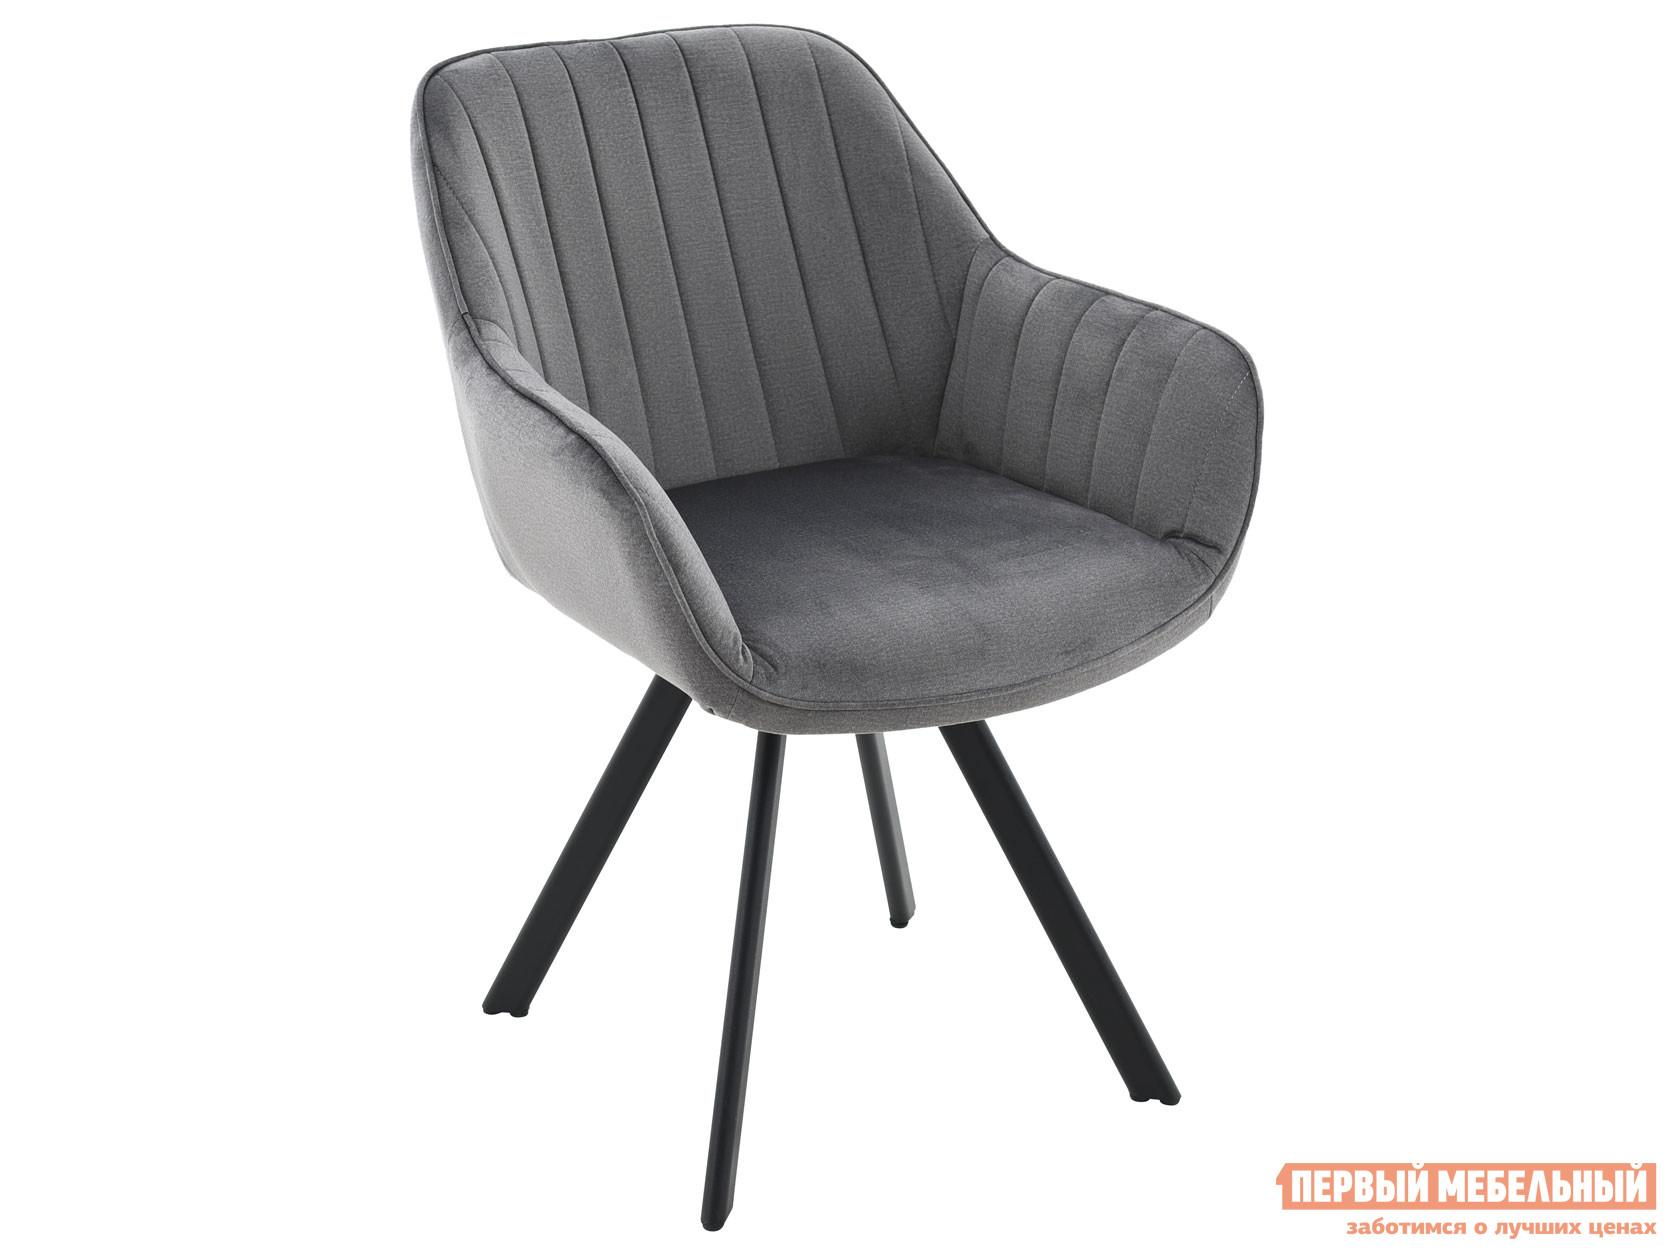 Стул  Роан Серый, велюр / Черный, металл Мебвилл 127386